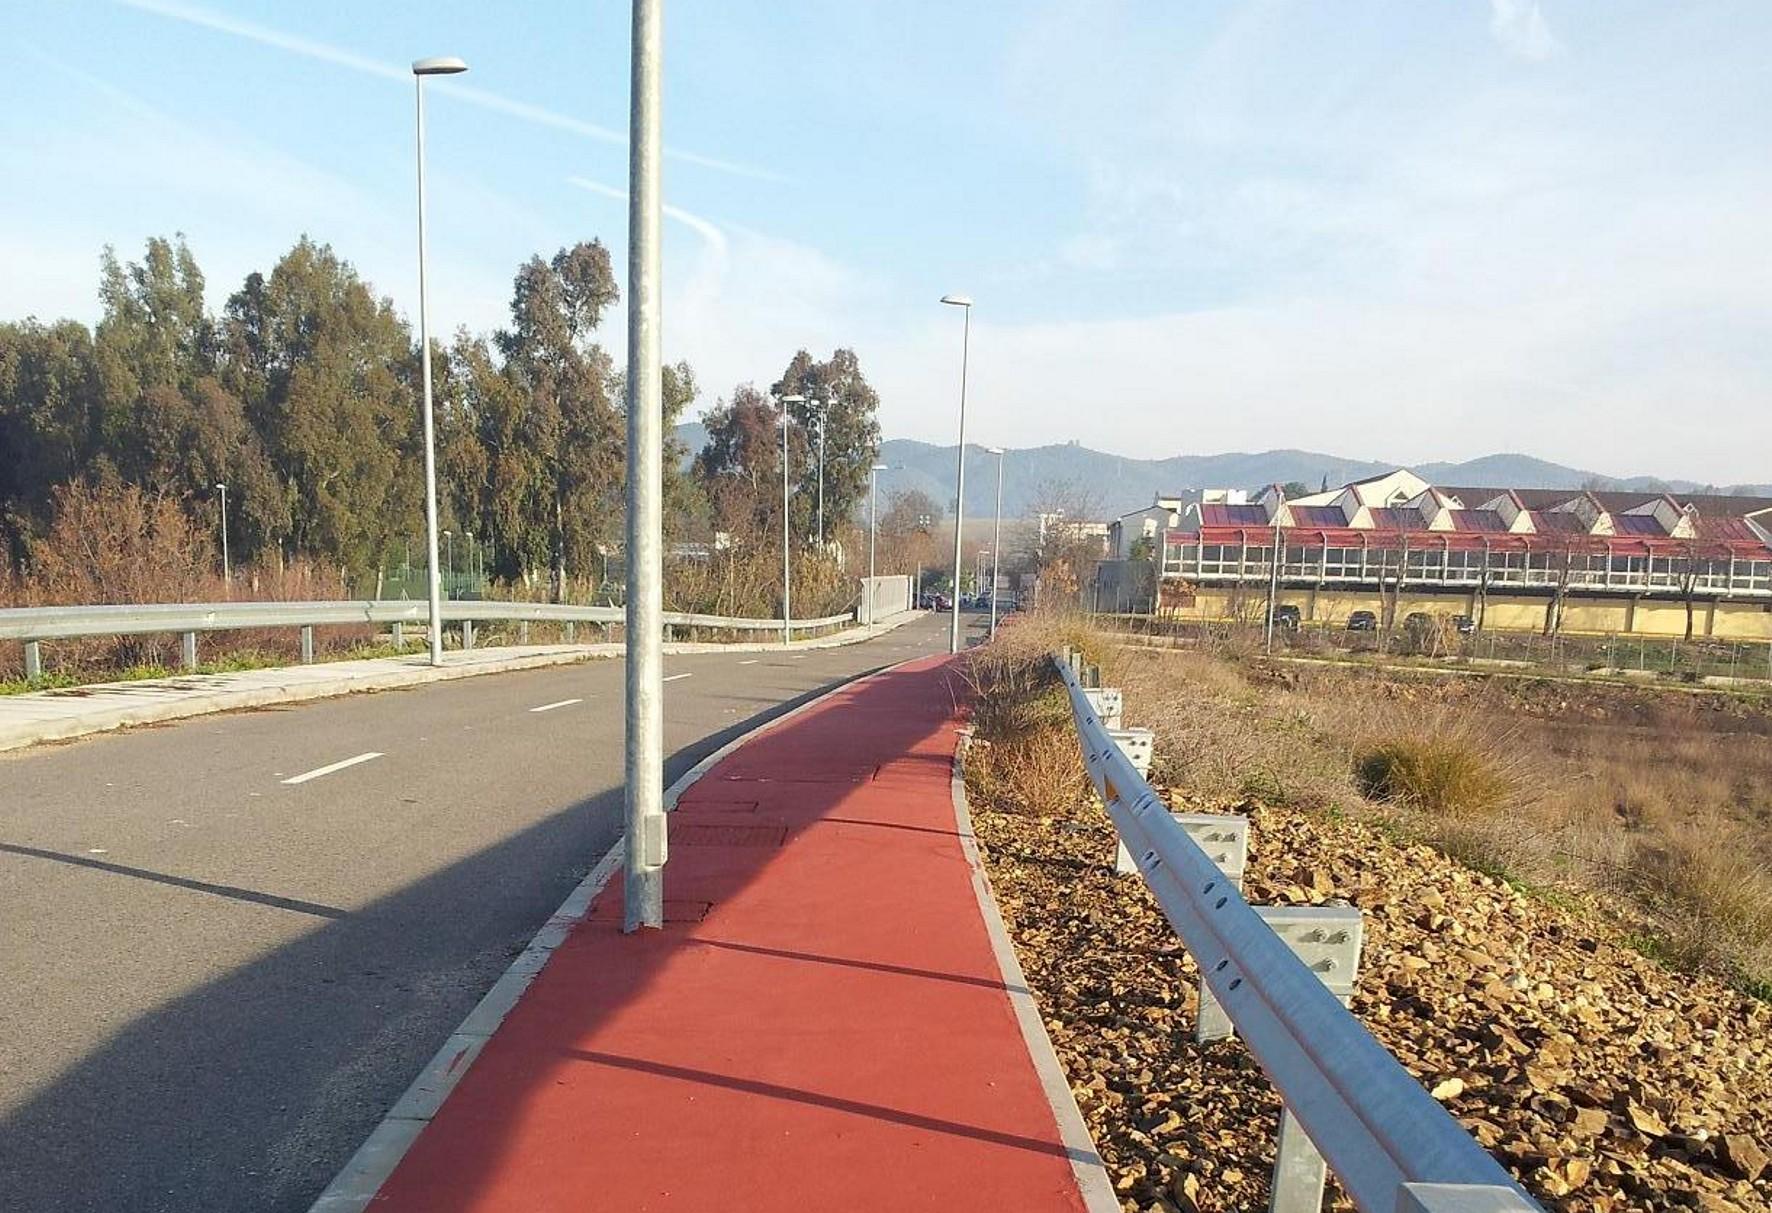 La nueva vía ciclista aprovechará la infraestructura existente a Rabanales.